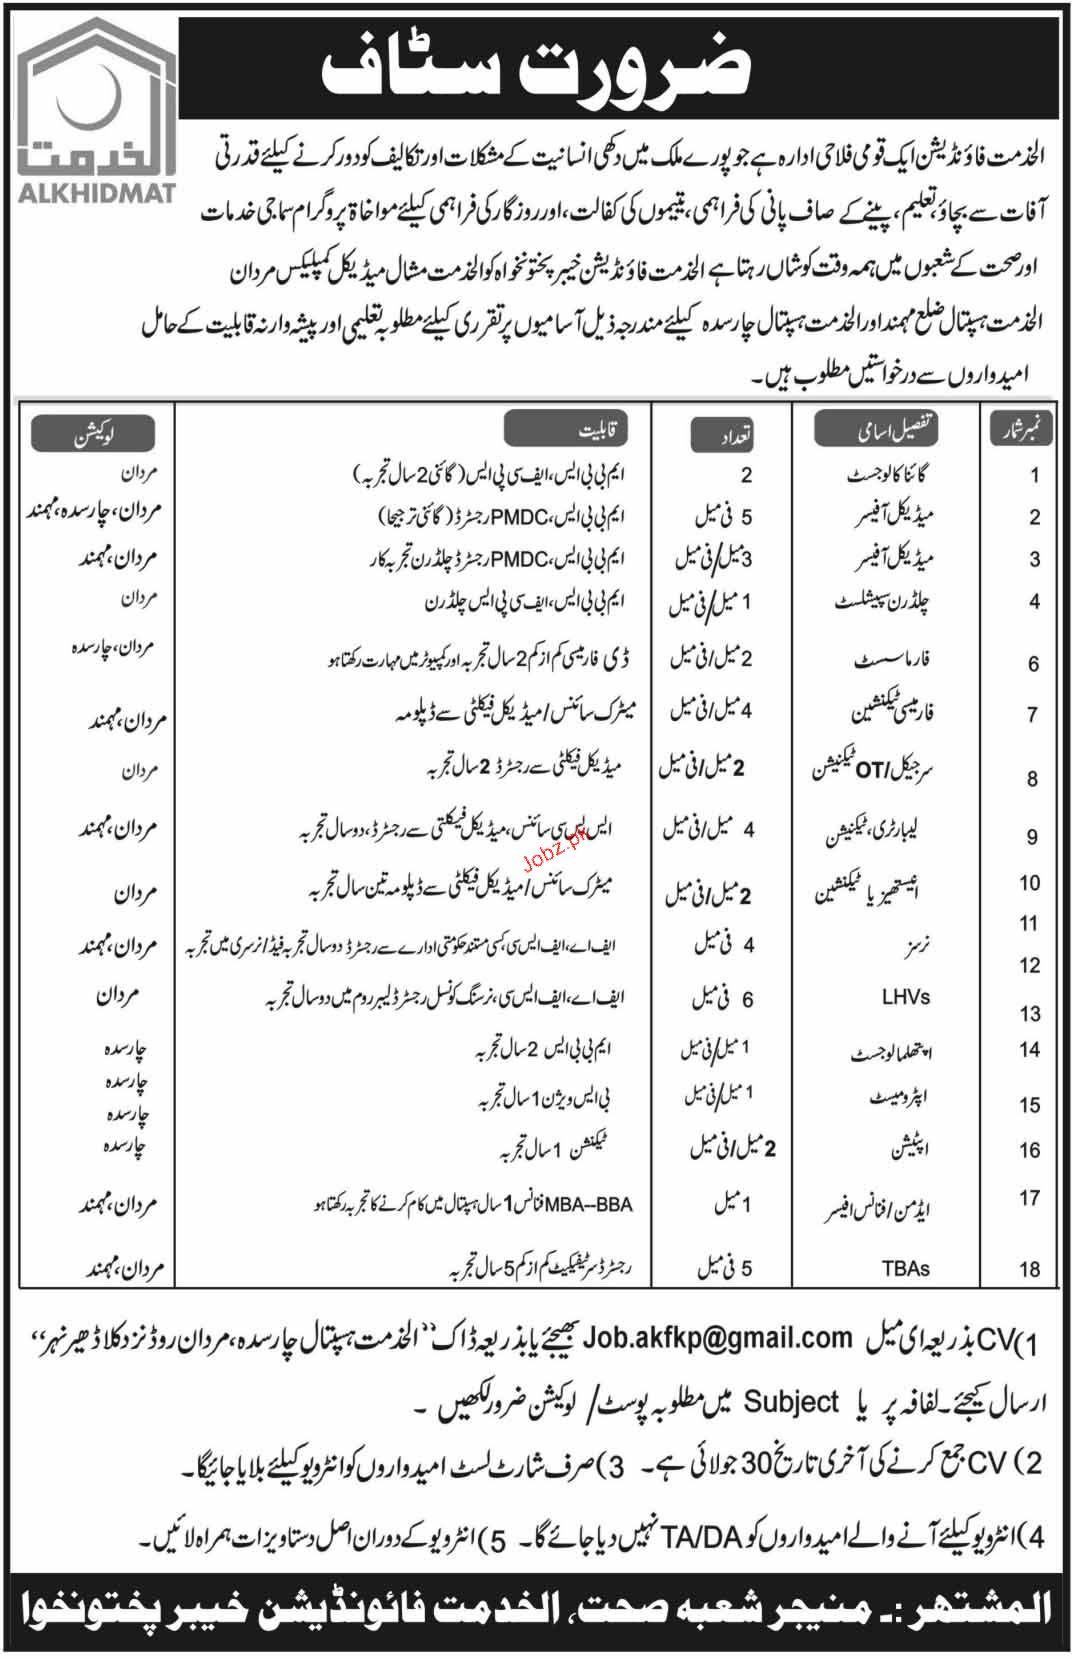 Al Khidmat Foundation Pakistan Jobs